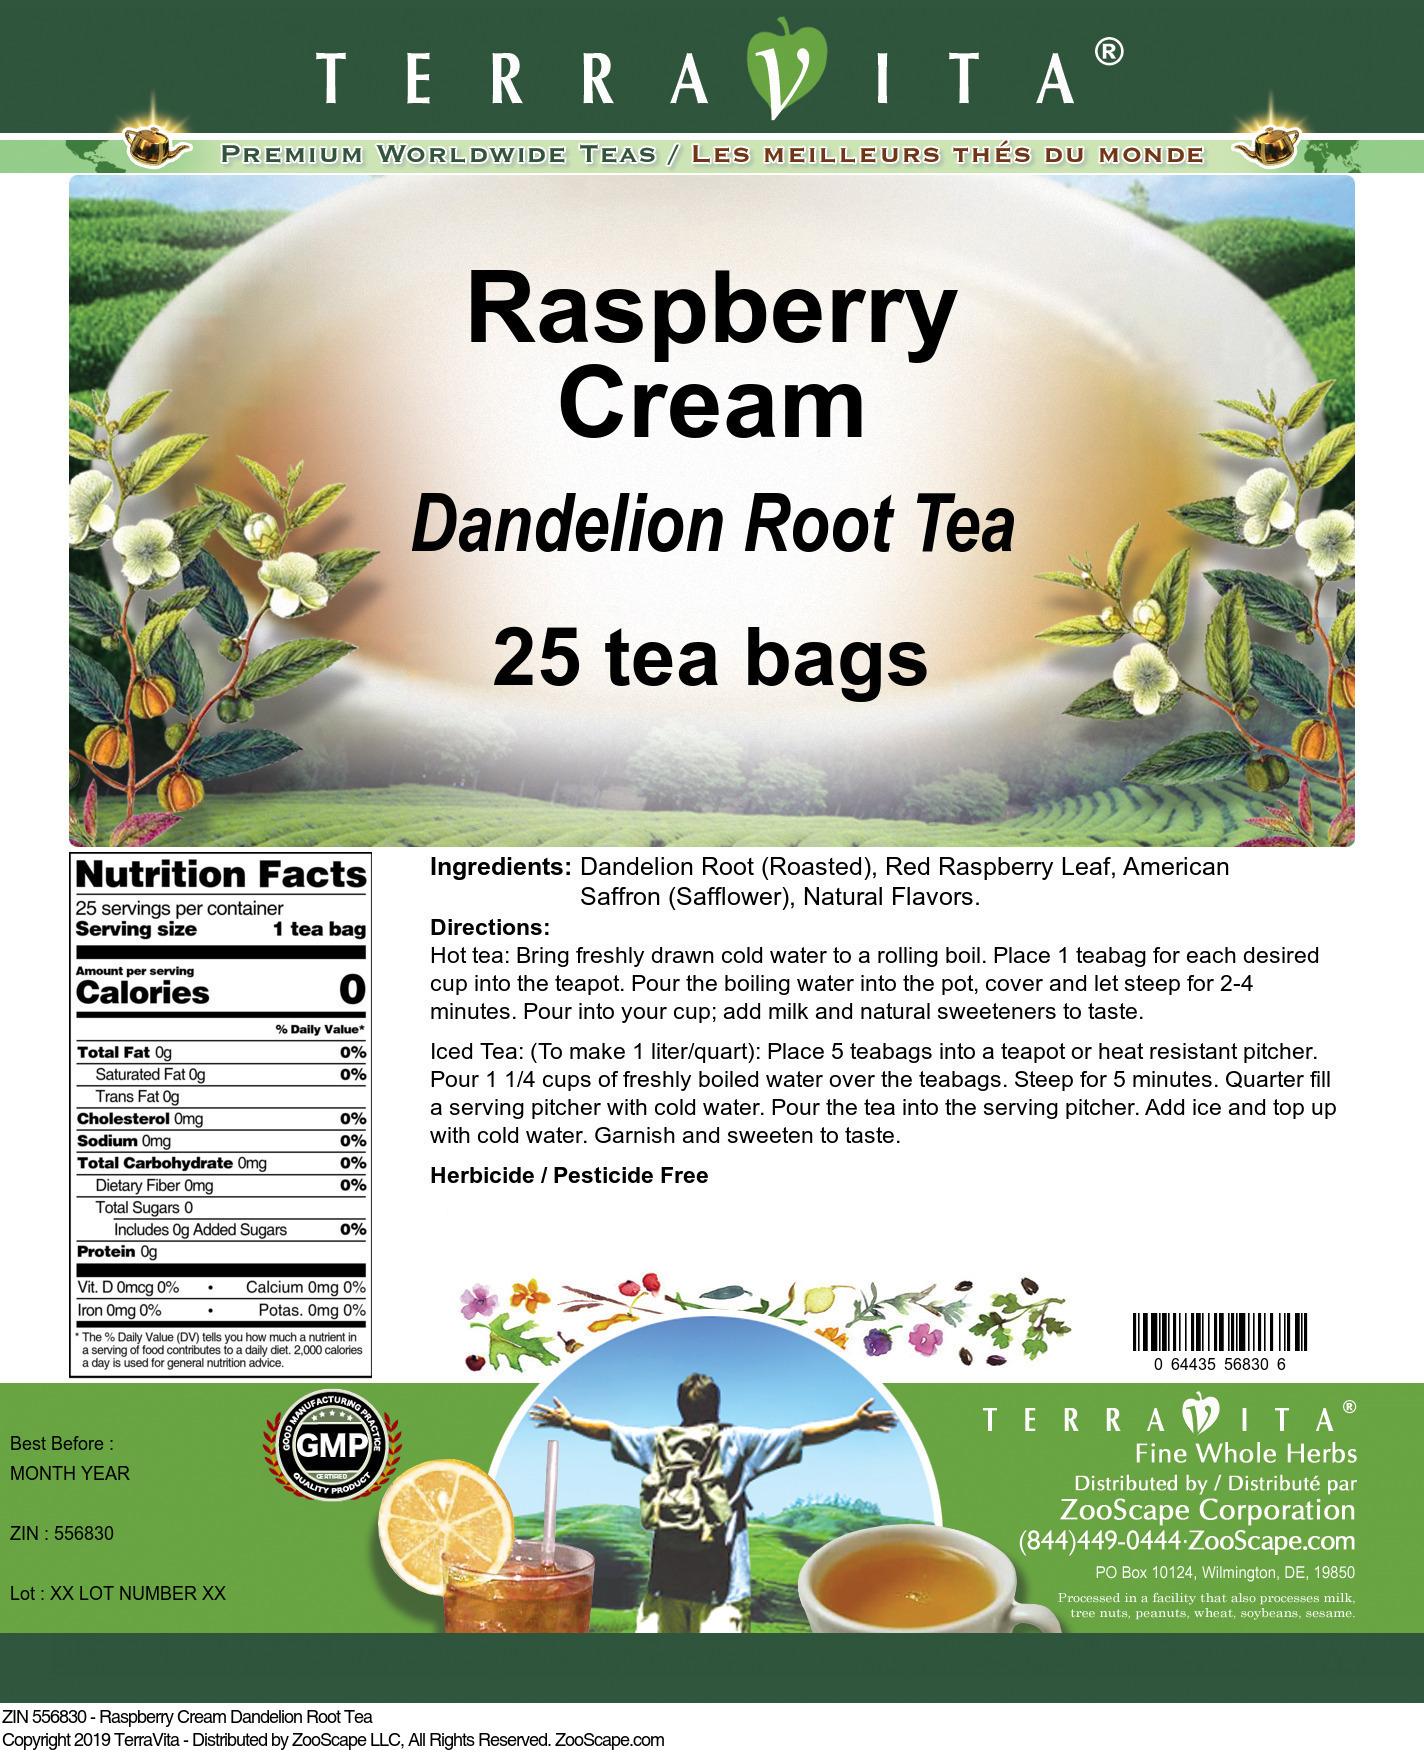 Raspberry Cream Dandelion Root Tea